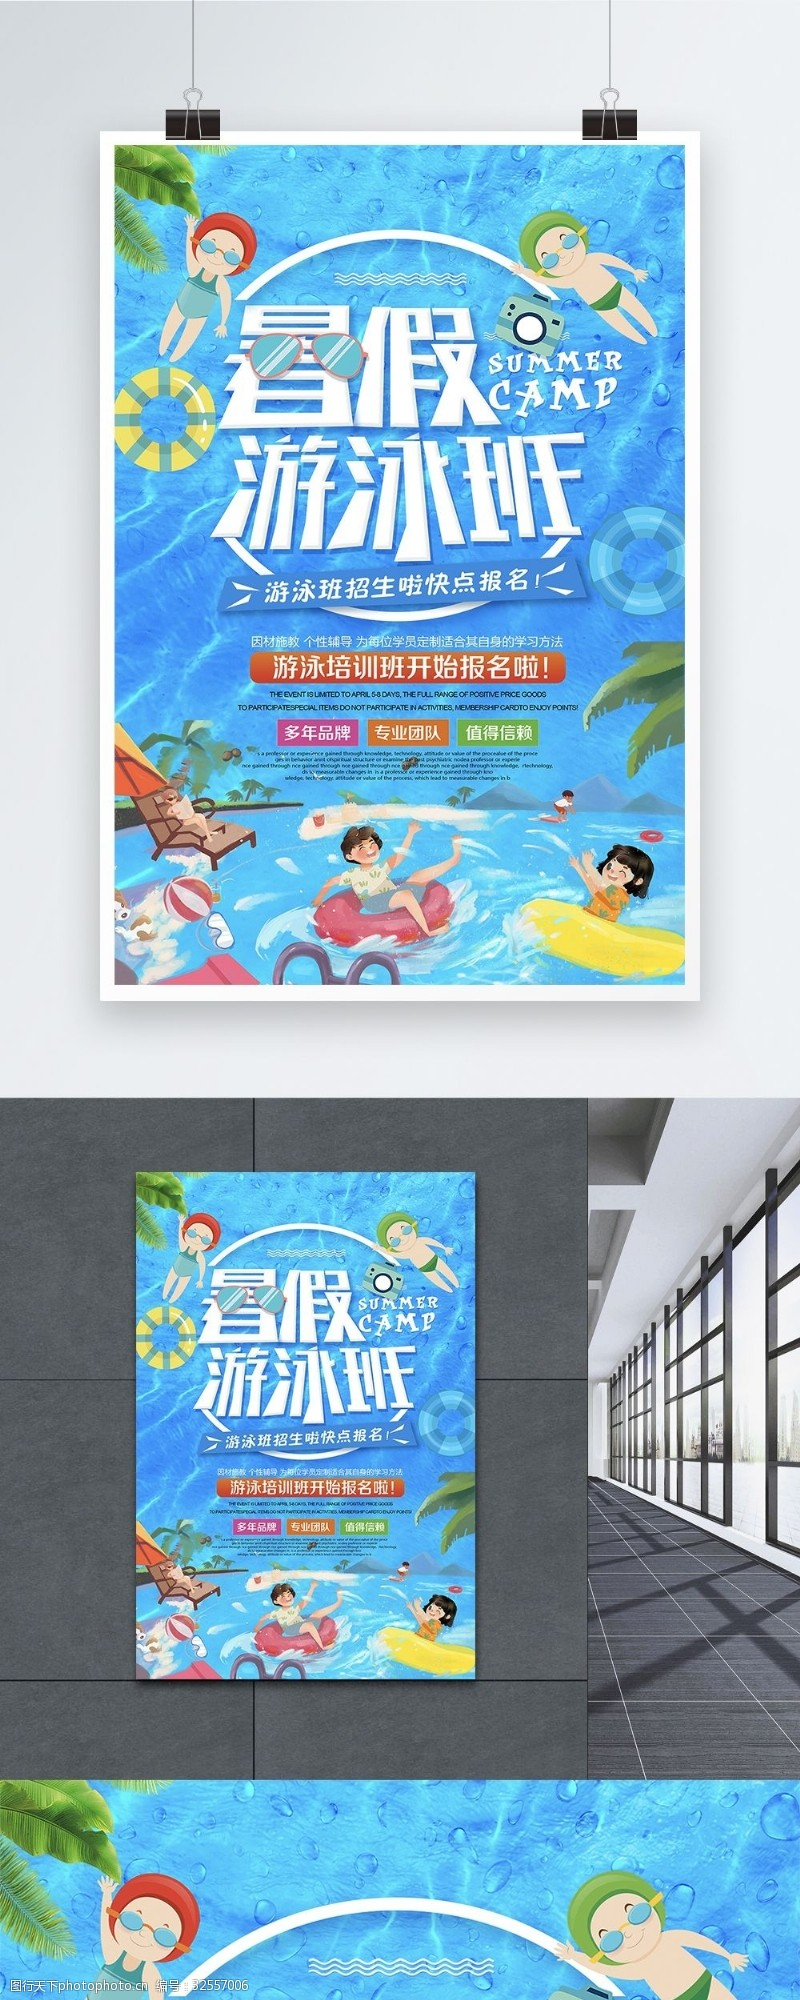 暑假游泳培训班海报